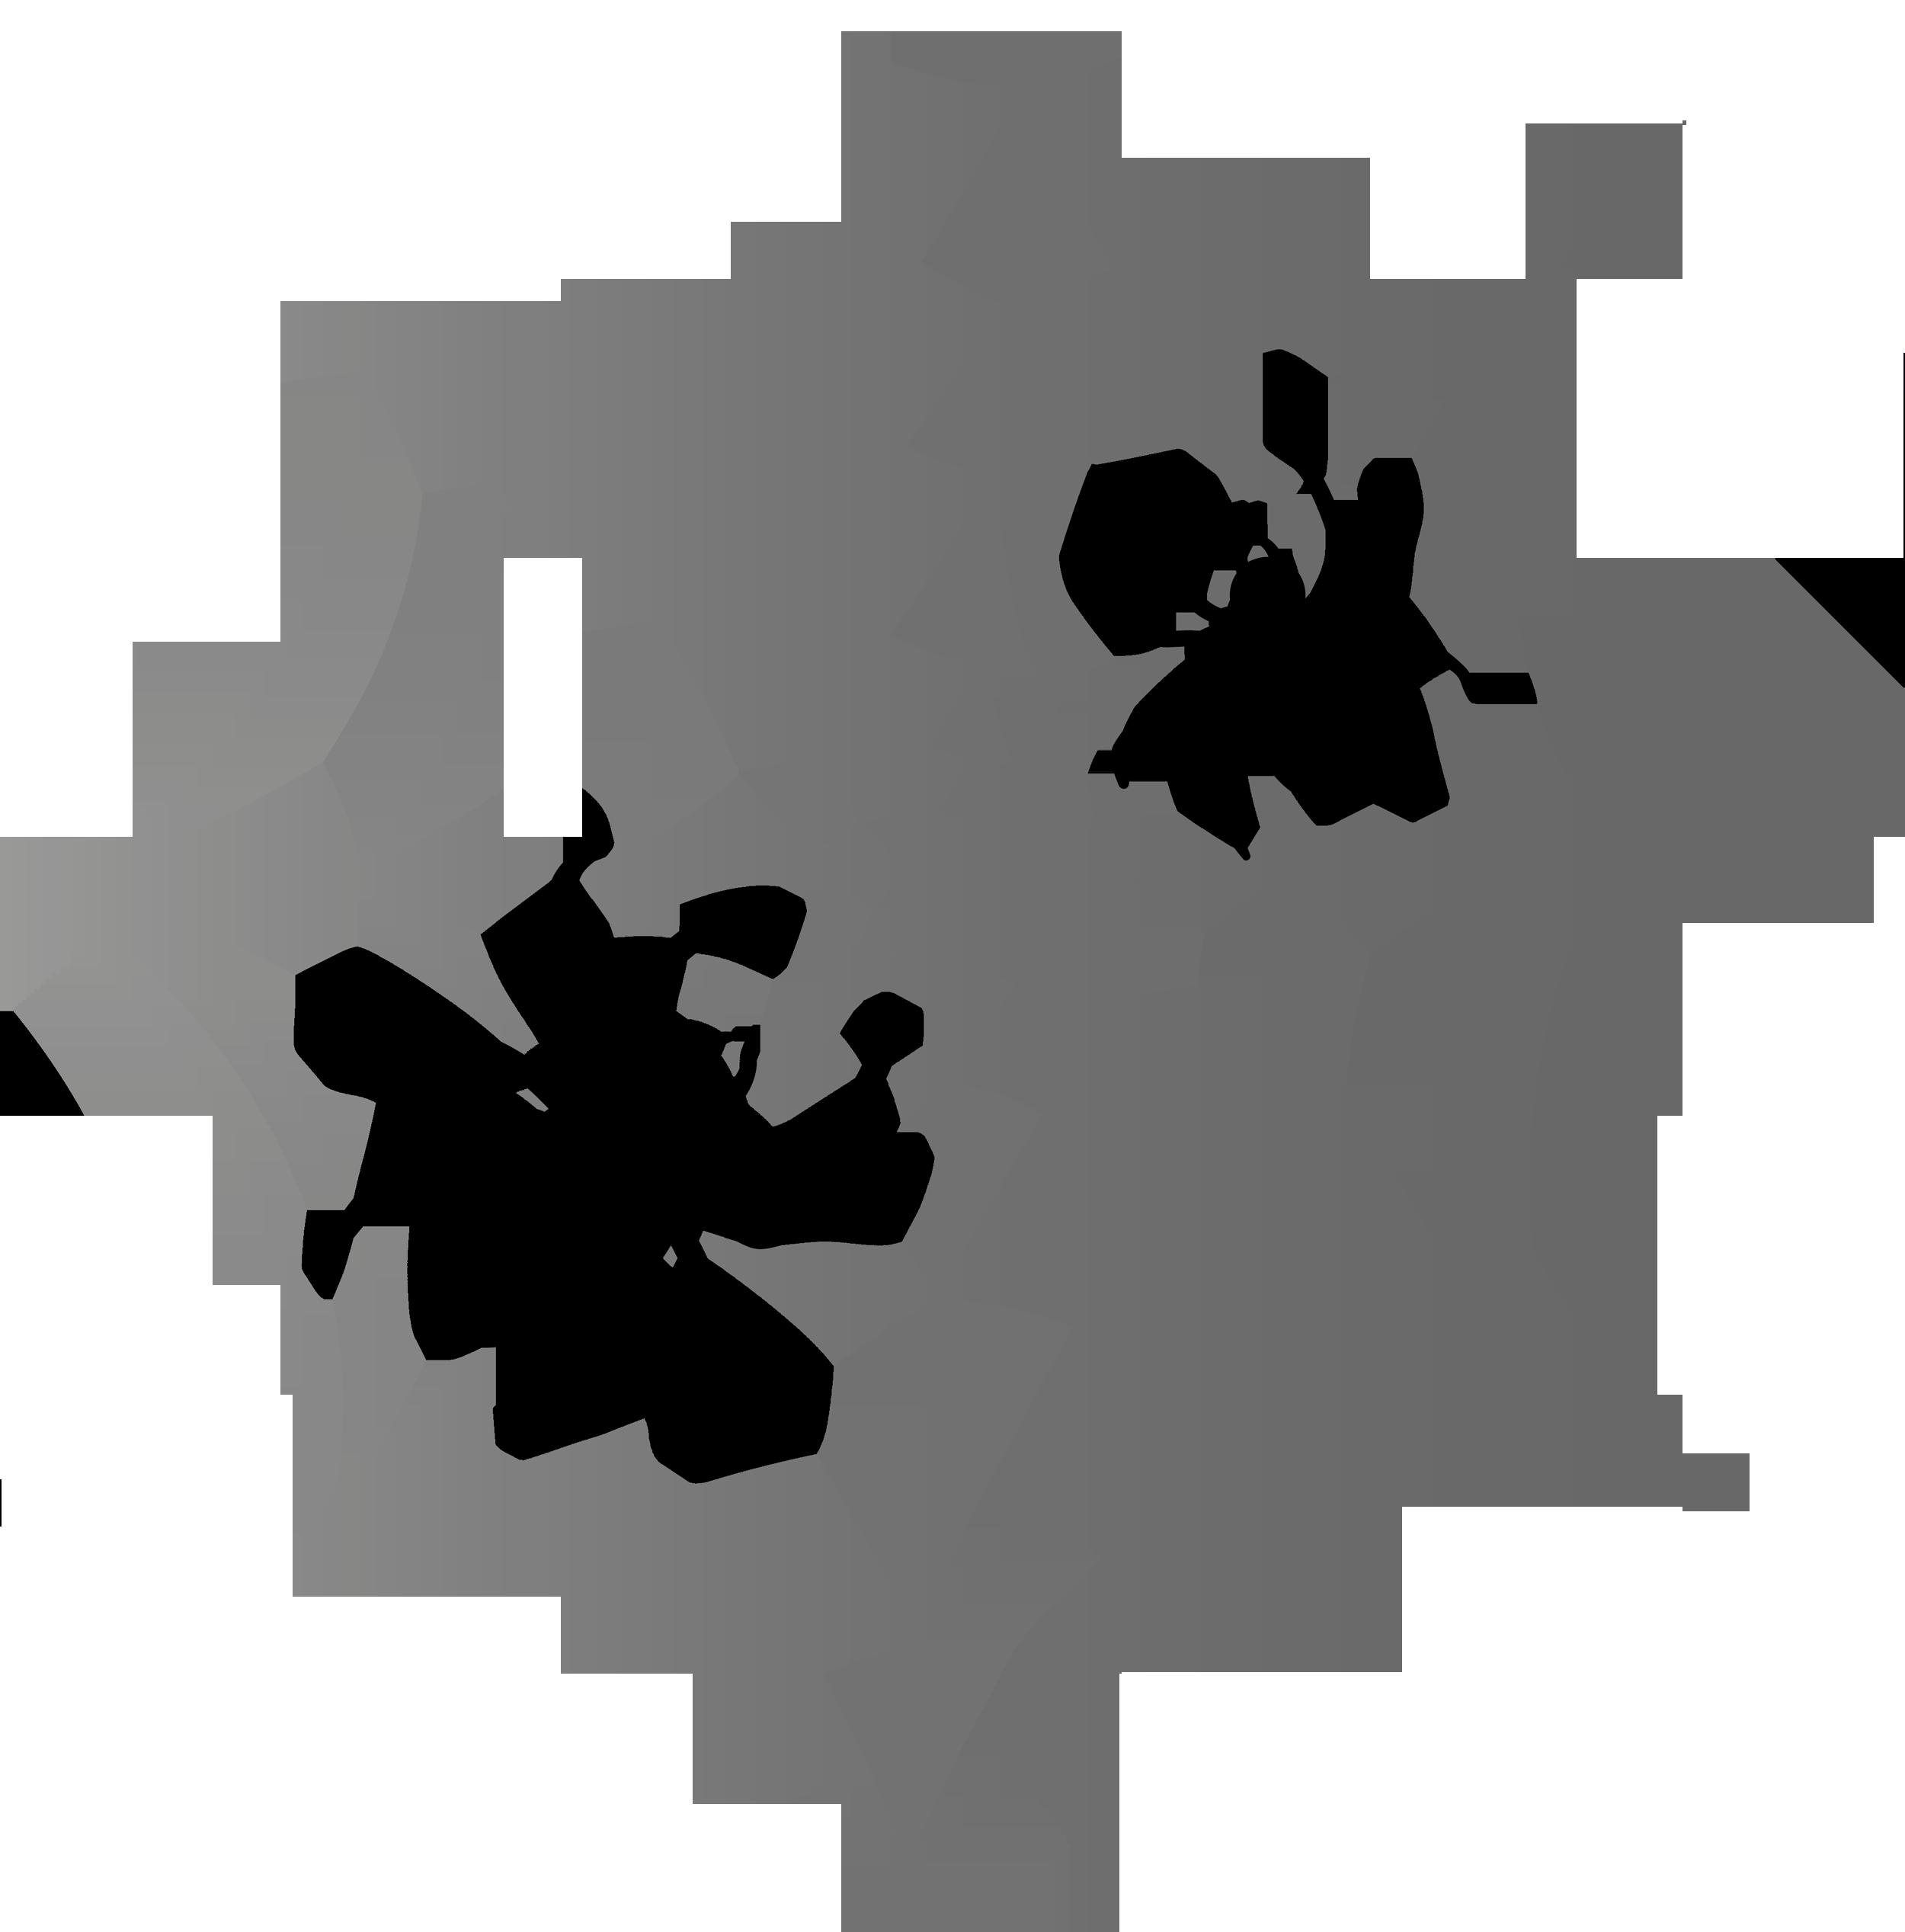 Рисунок паучка на паутине для детей